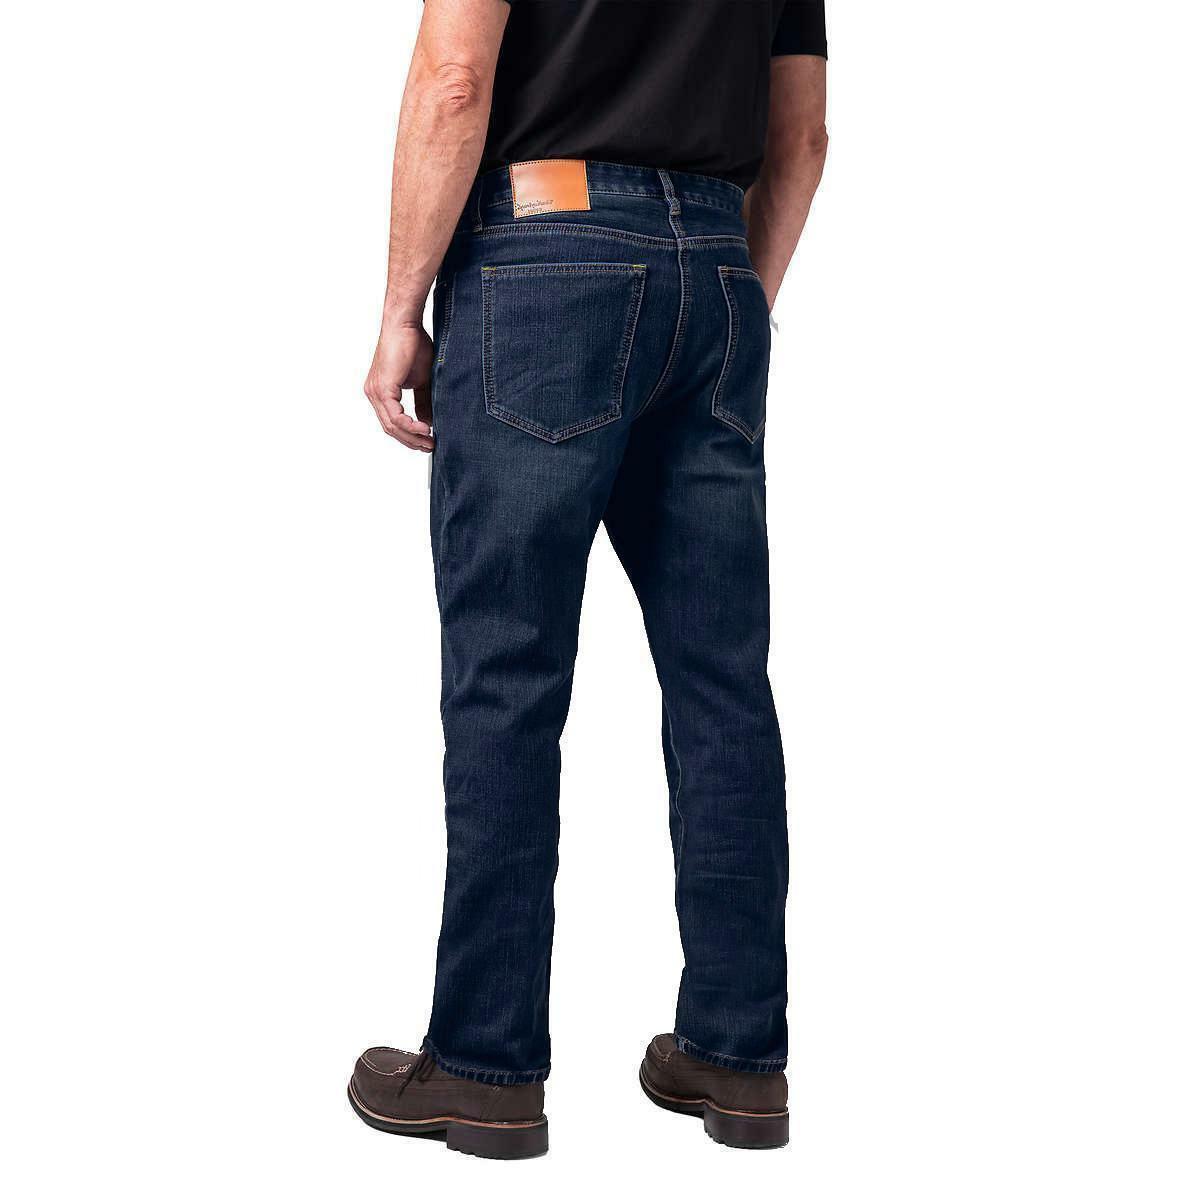 Weatherproof Jeans